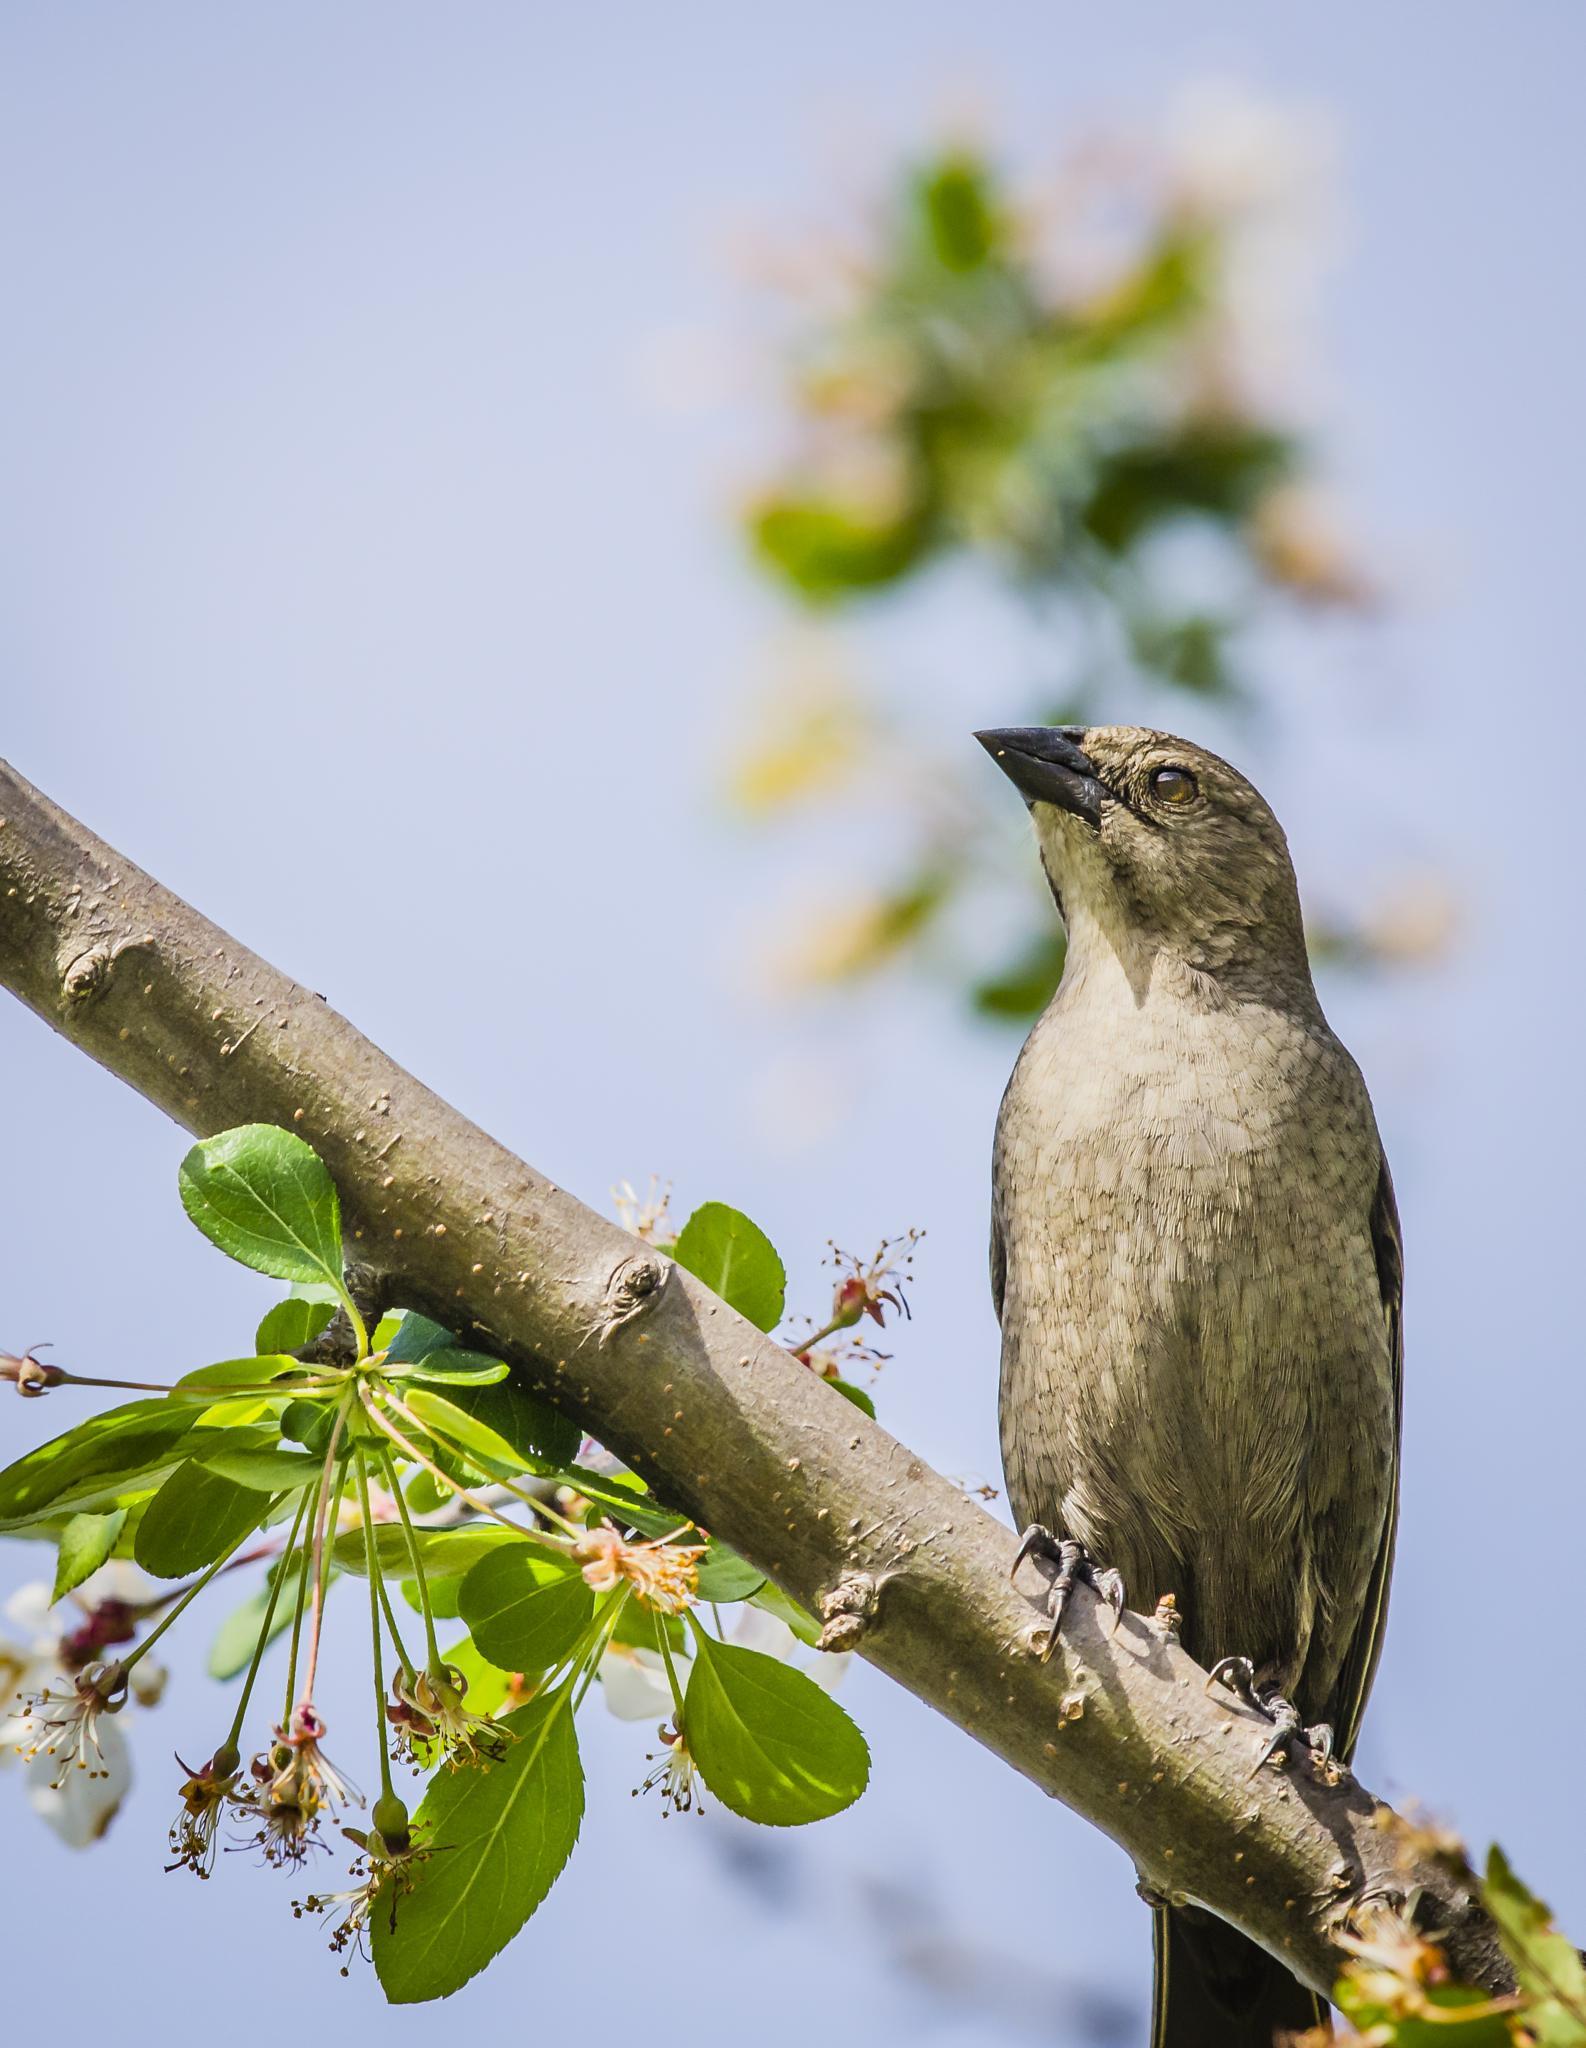 Female Cowbird by Jim Davis